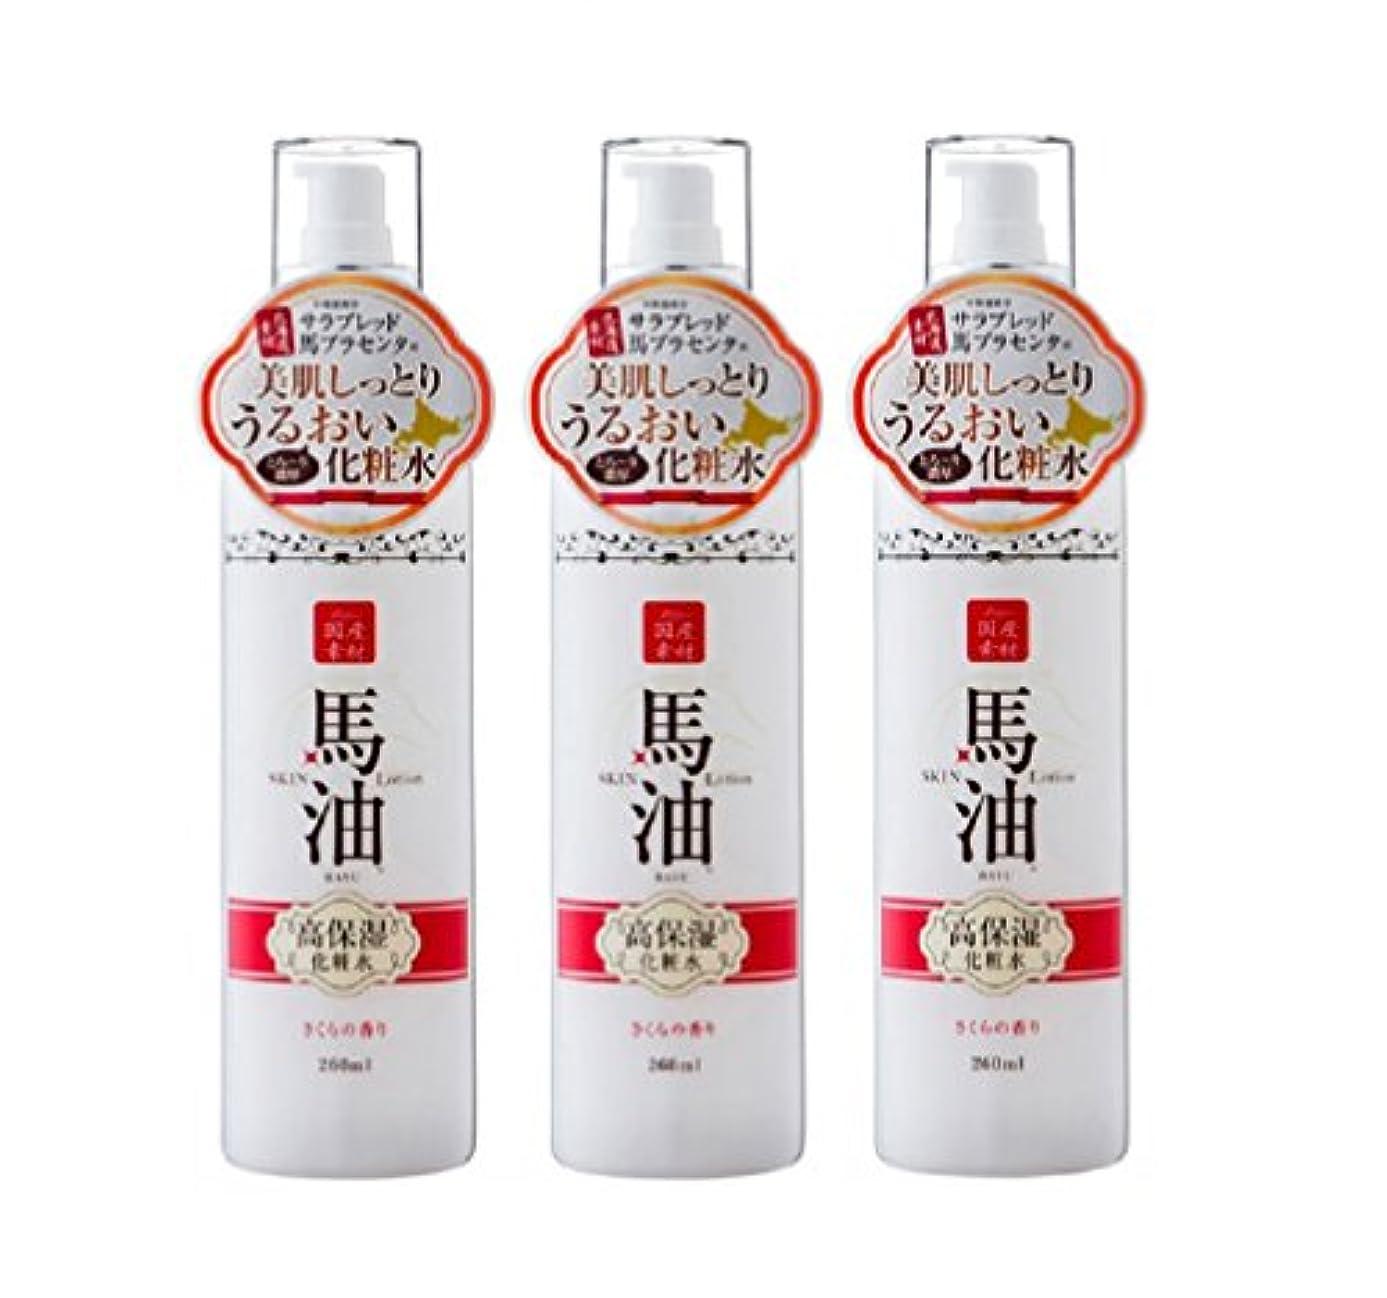 素晴らしい足音カイウスリシャン 馬油化粧水 さくらの香り 260ml×3本セット